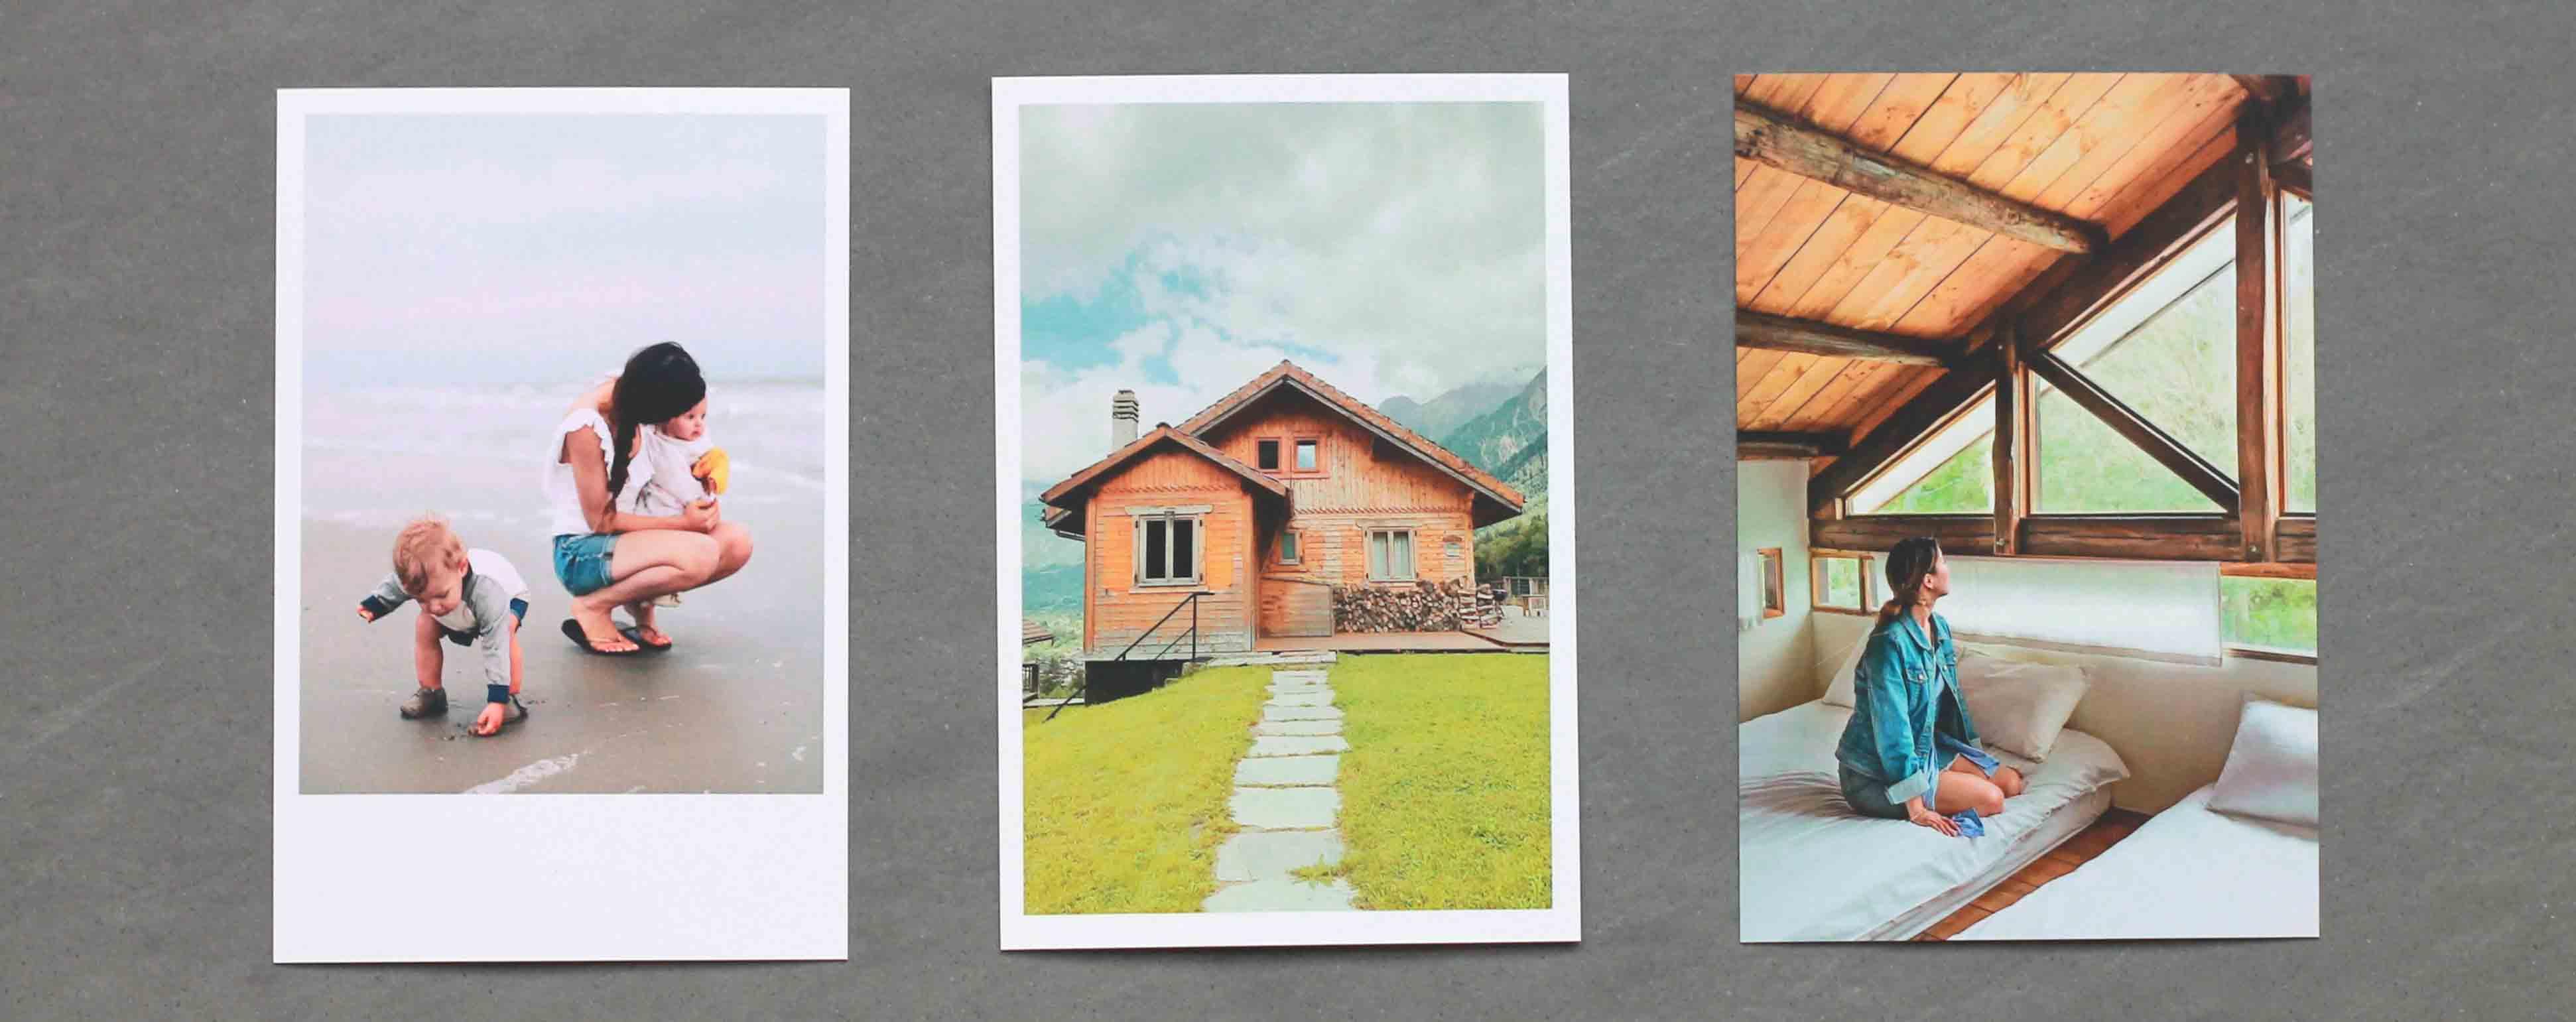 фотокарточки - печать фото, полиграфическая печать